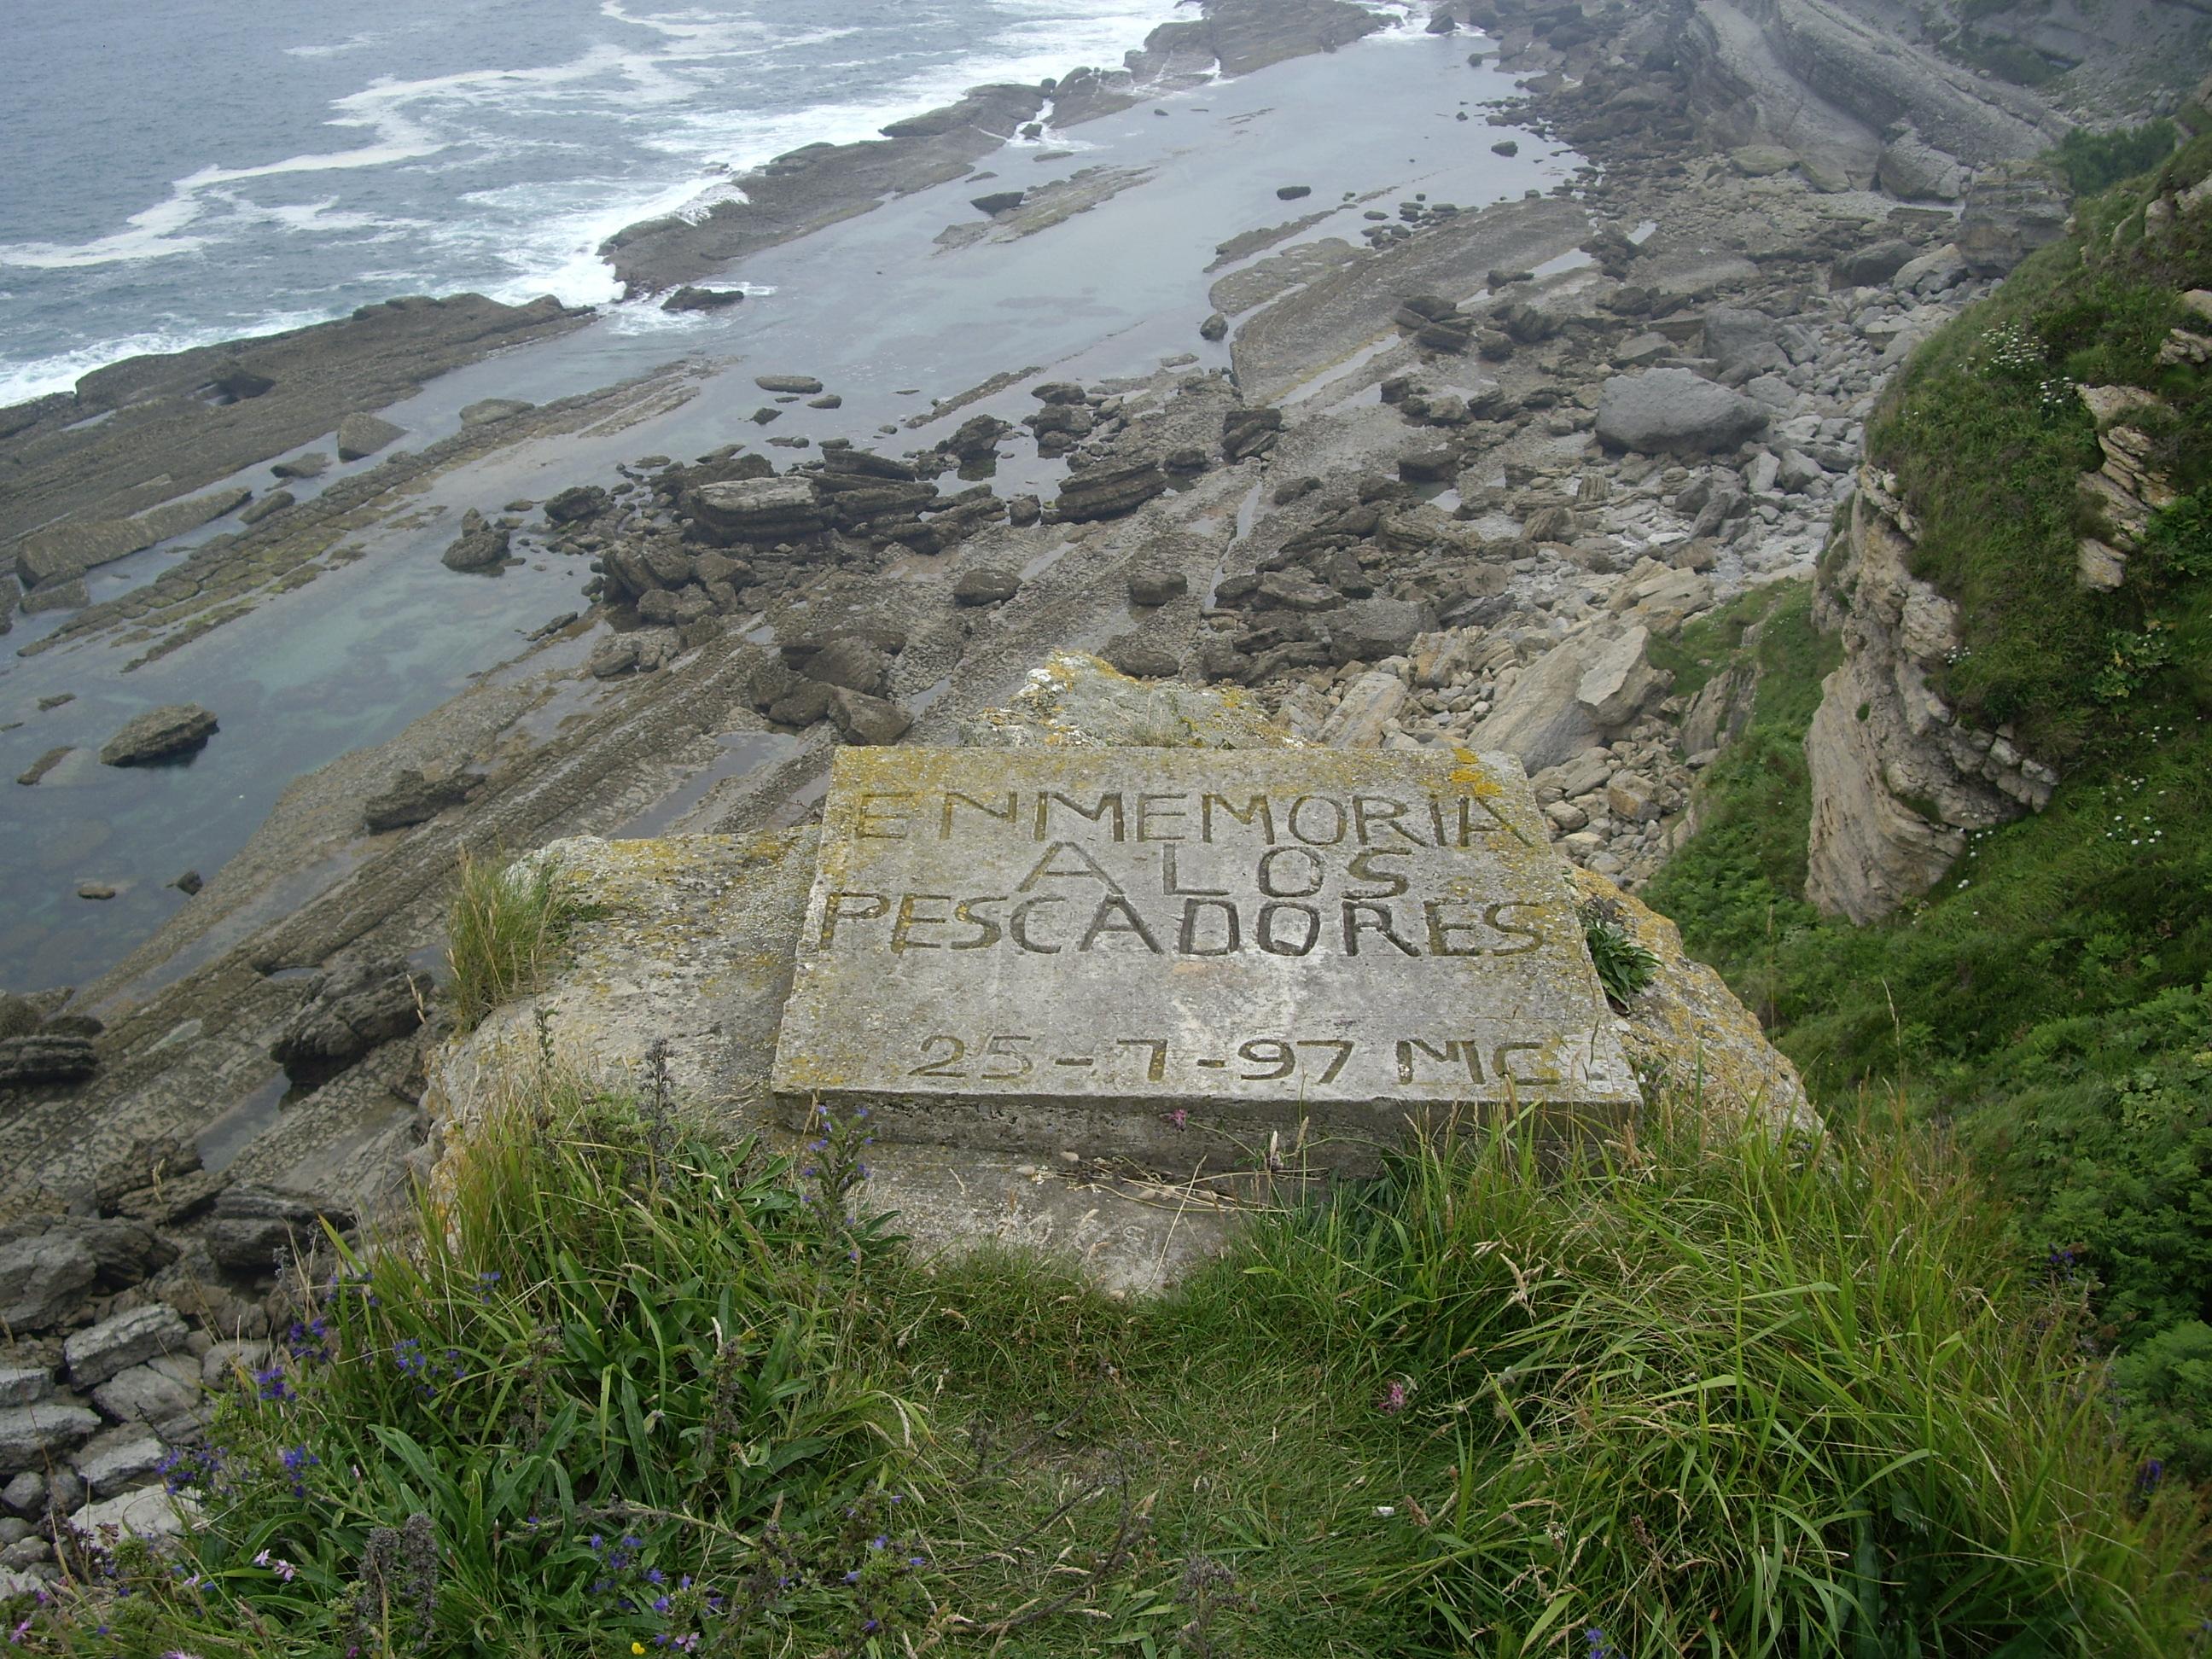 Foto playa Langre II. Homenaje (14-7-2007)